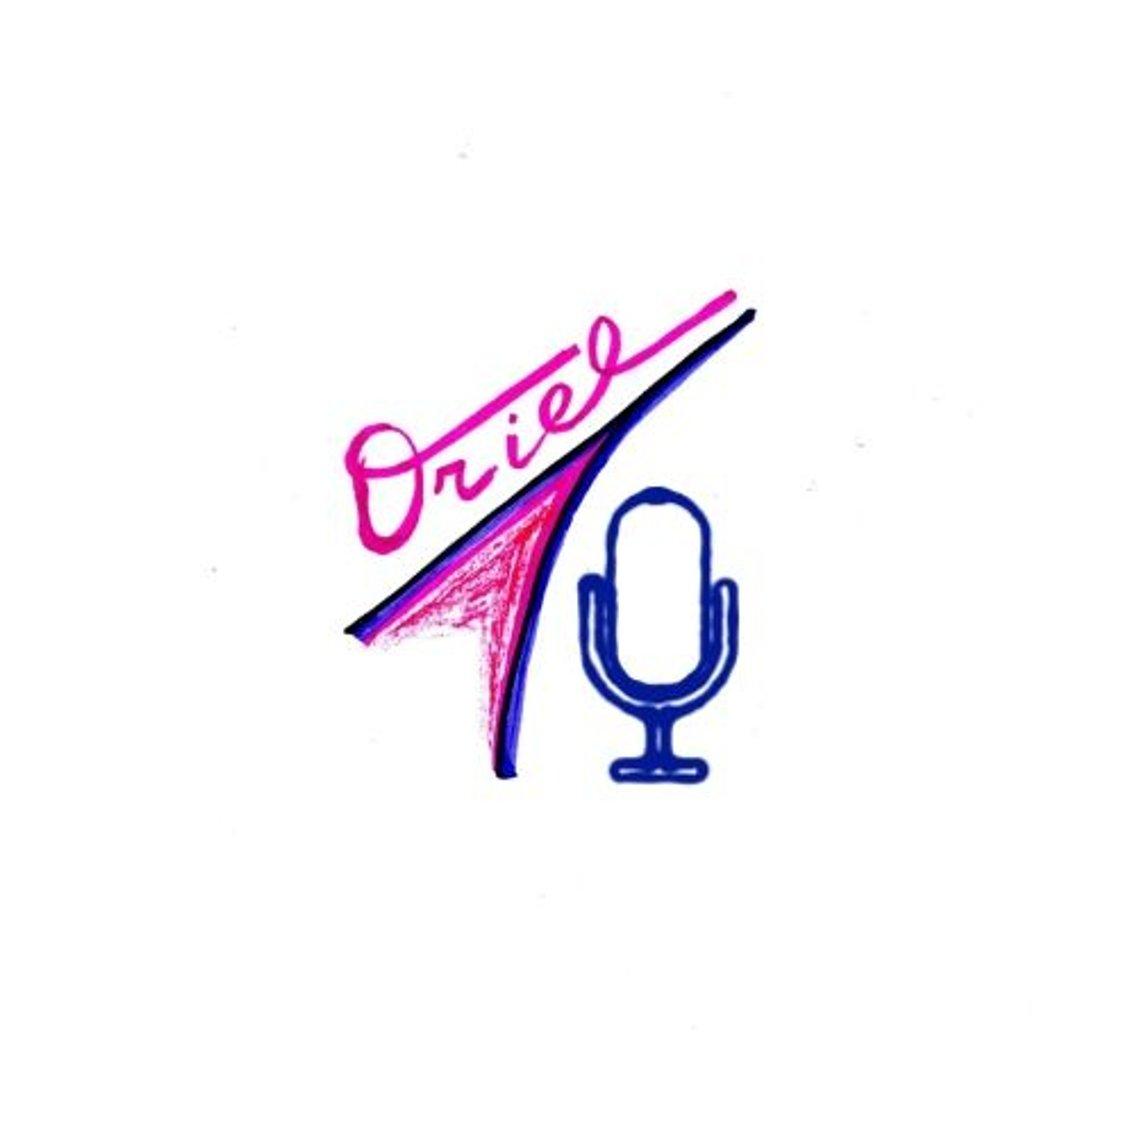 Orielcast - immagine di copertina